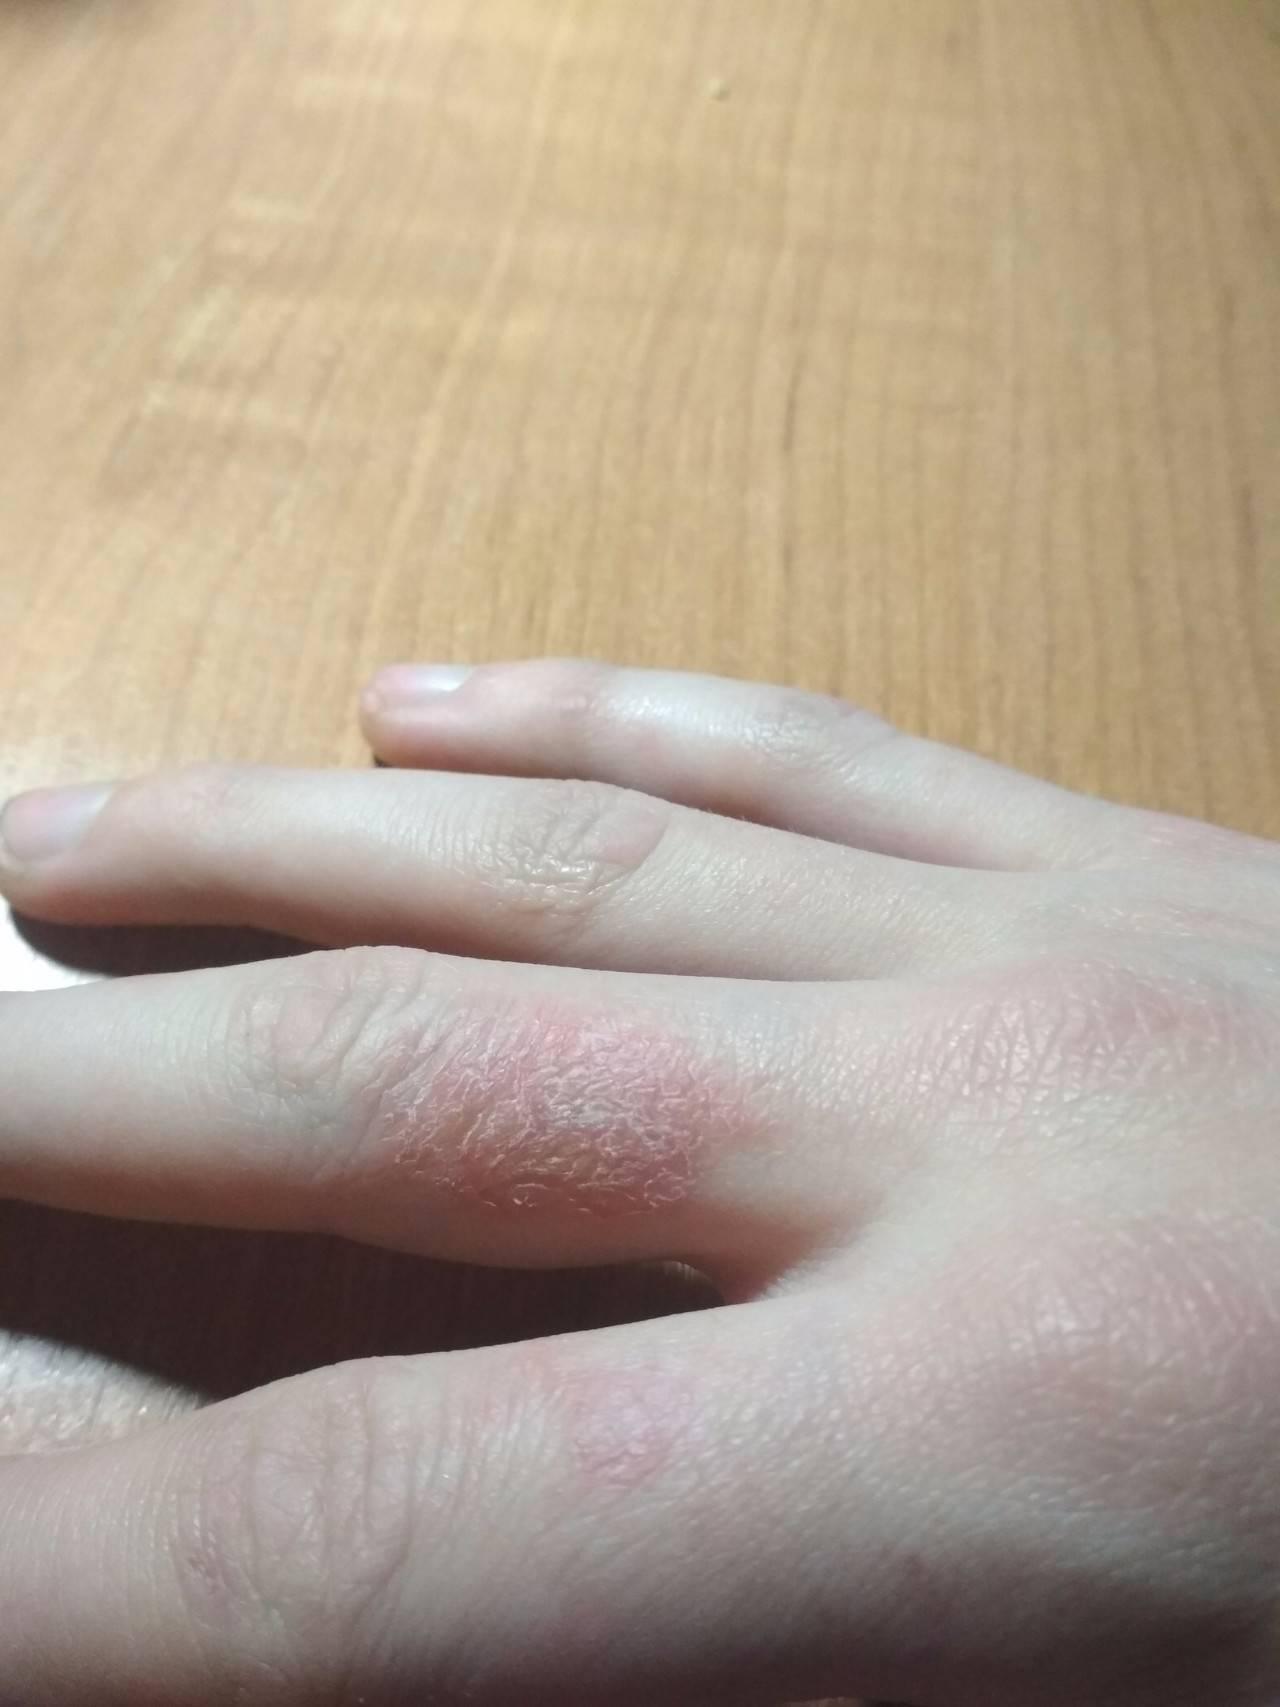 Причины и лечение нехватки витаминов при сухой коже рук